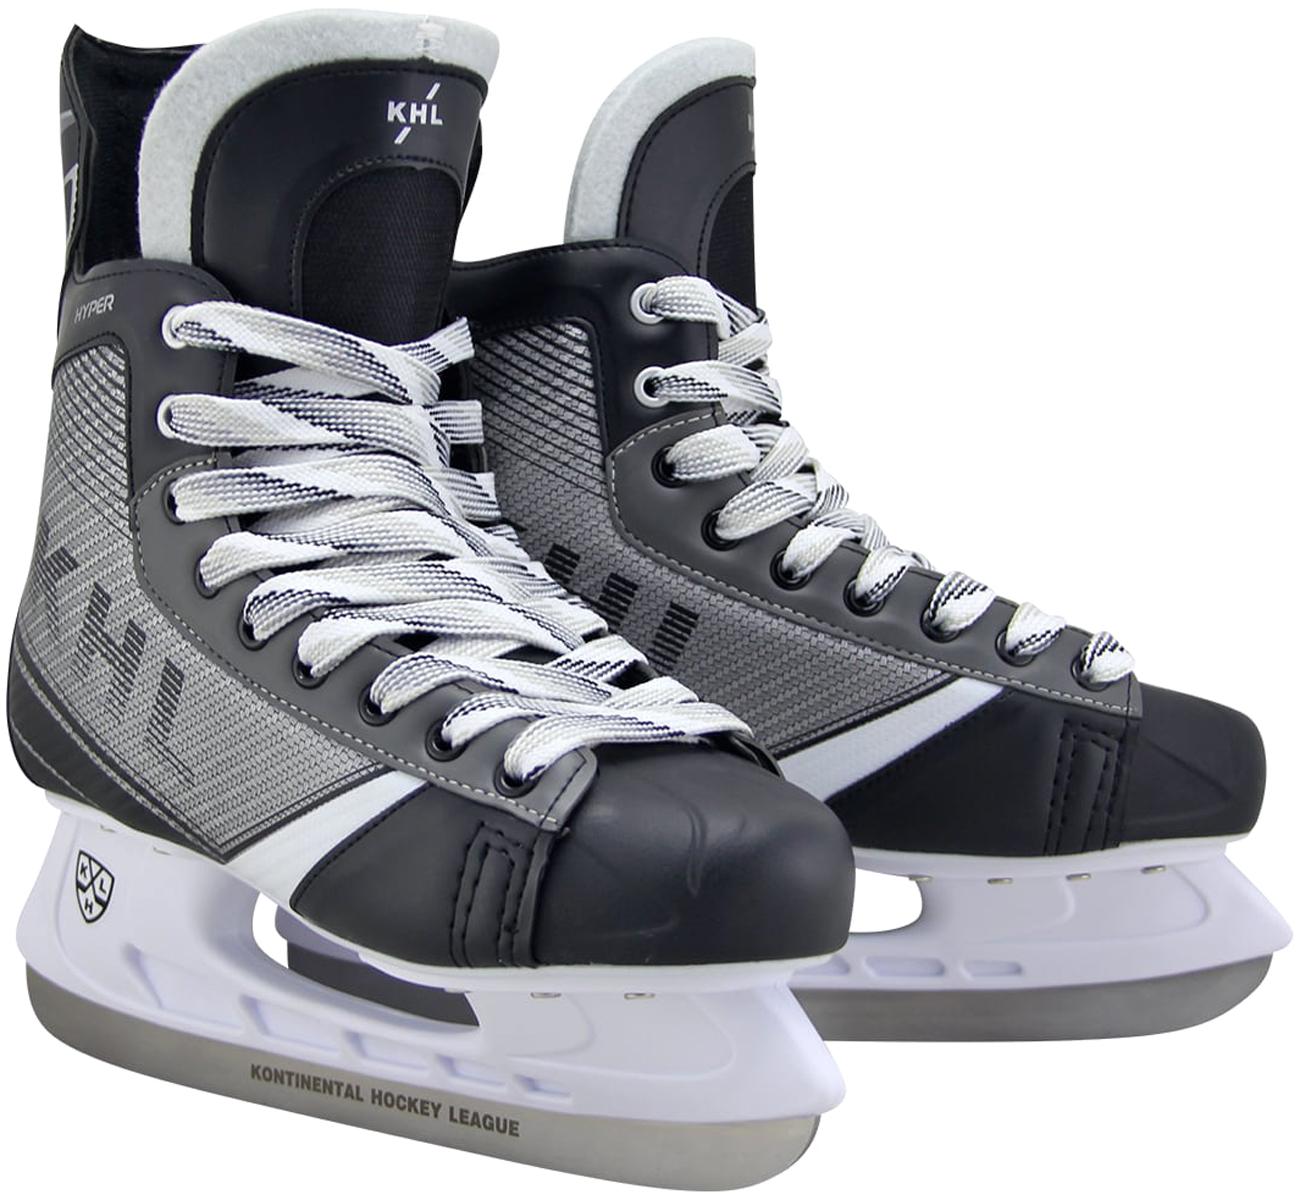 Коньки хоккейные мужские KHL Hyper, цвет: серый, черный, белый. Размер 46УТ-00010445Хоккейные коньки KHL Hyper являются официальной лицензионной продукцией Континентальной Хоккейной Лиги (КХЛ). Это прекрасная любительская модель коньков с уникальным стильным ассиметричным дизайном, выполненным в новой стилистической концепции КХЛ. Модель выполнена из износостойких материалов, устойчивых к порезам. Усиленная жесткость ботинка для более уверенного катания. Дополнительные вставки из EVA и MEMORY foam обеспечат комфорт. Лезвие выполнено из высокоуглеродистой стали с покрытием из никеля. Шнуровка надежно зафиксирует модель на ноге.Коньки подходят для использования на открытом и закрытом льду.